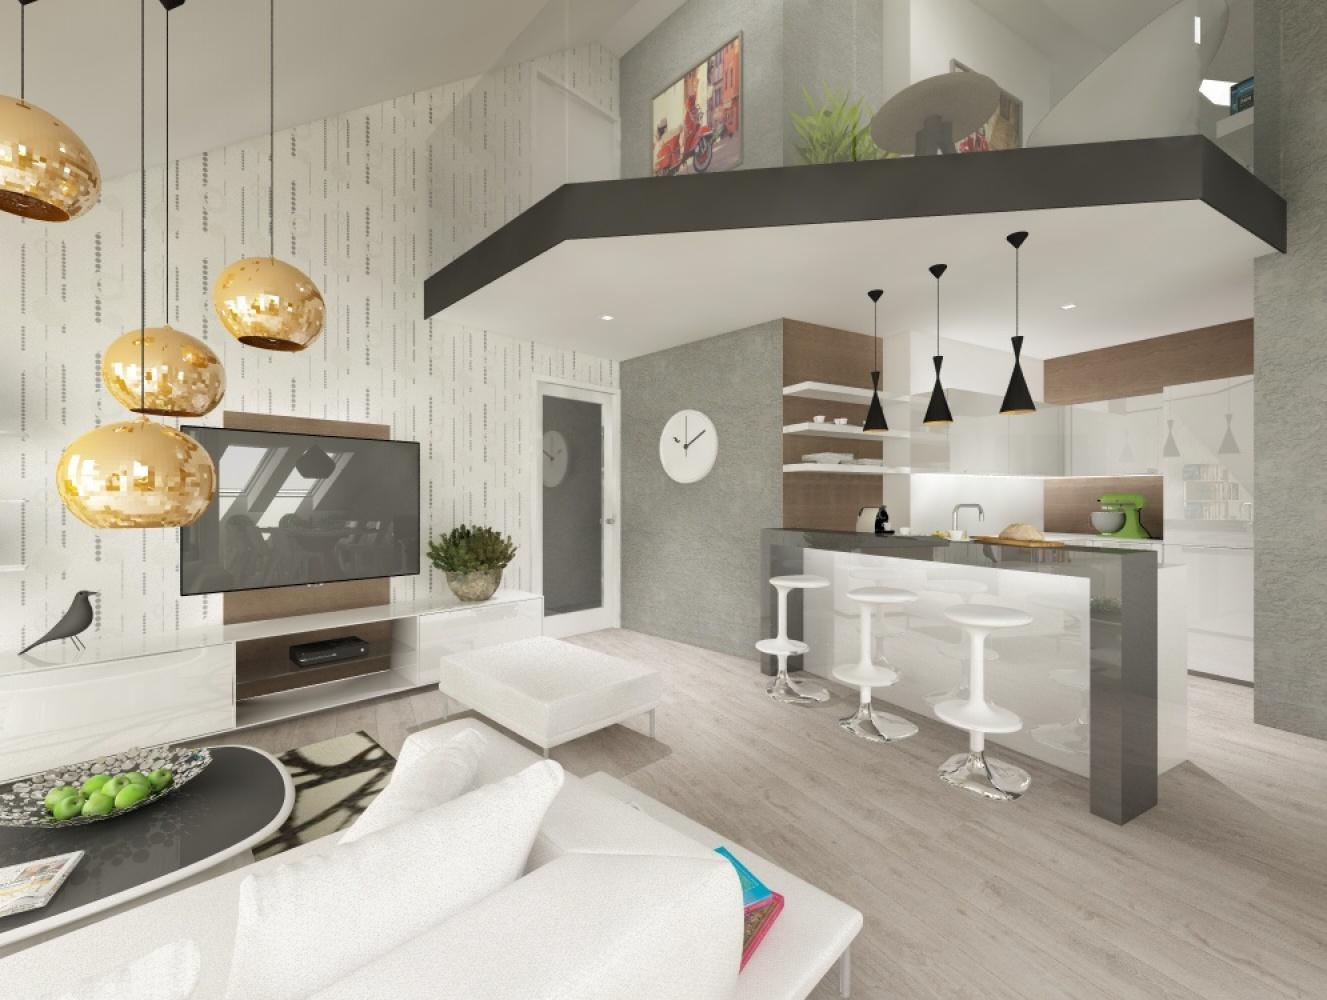 Půdní byt 5+kk, plocha 158 m², ulice Srbská, Praha 6 - Dejvice | 2